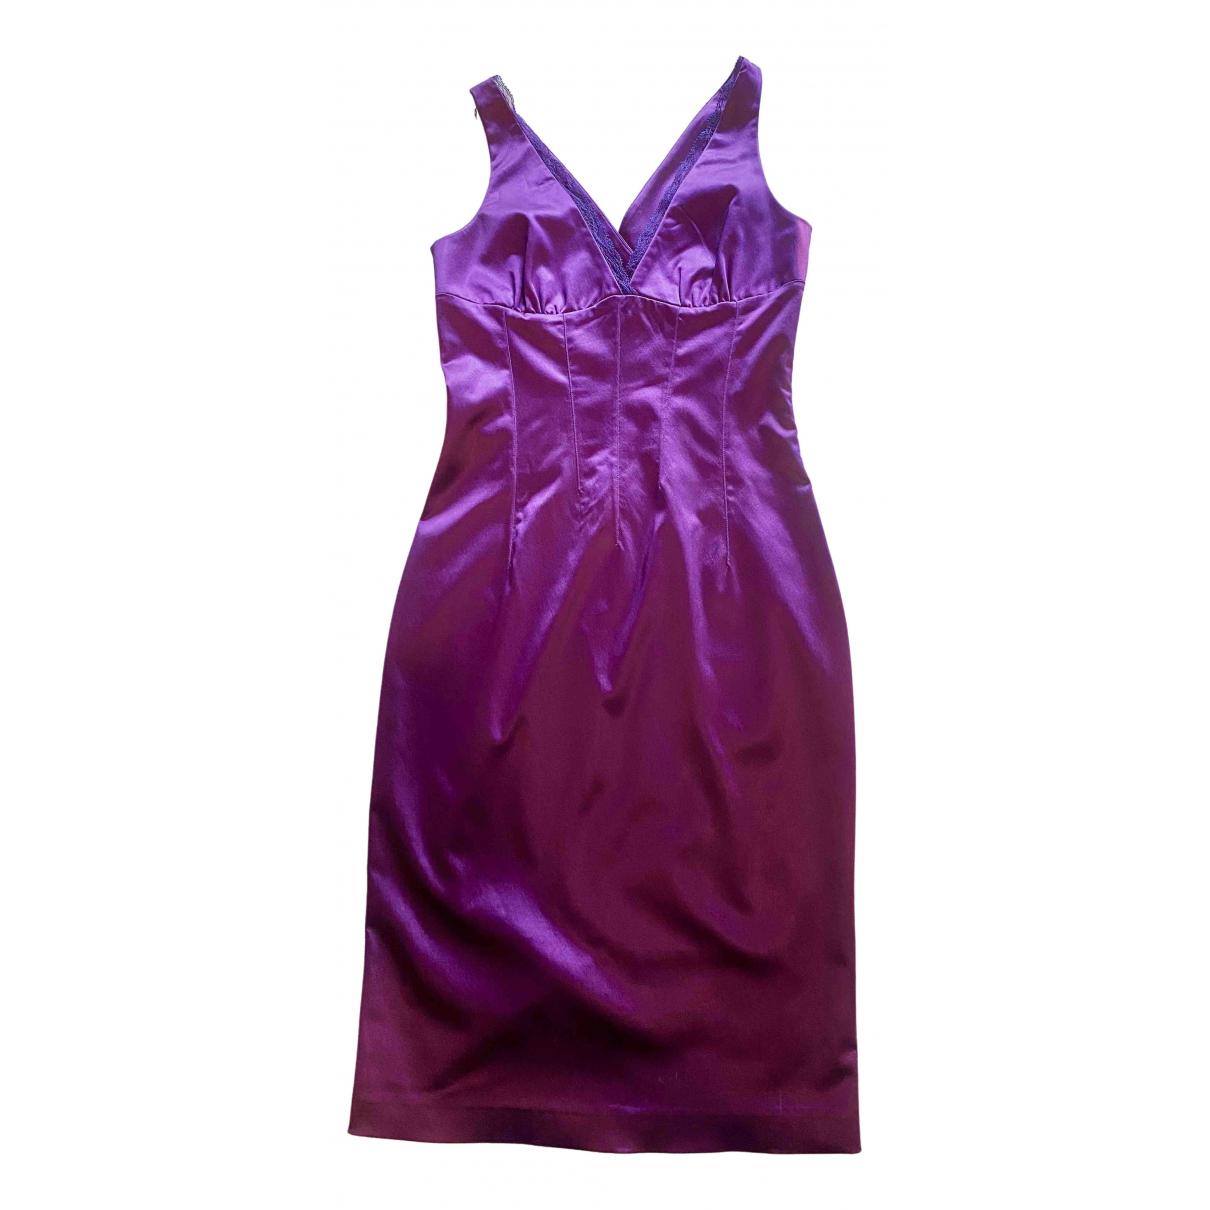 D&g - Robe   pour femme - violet